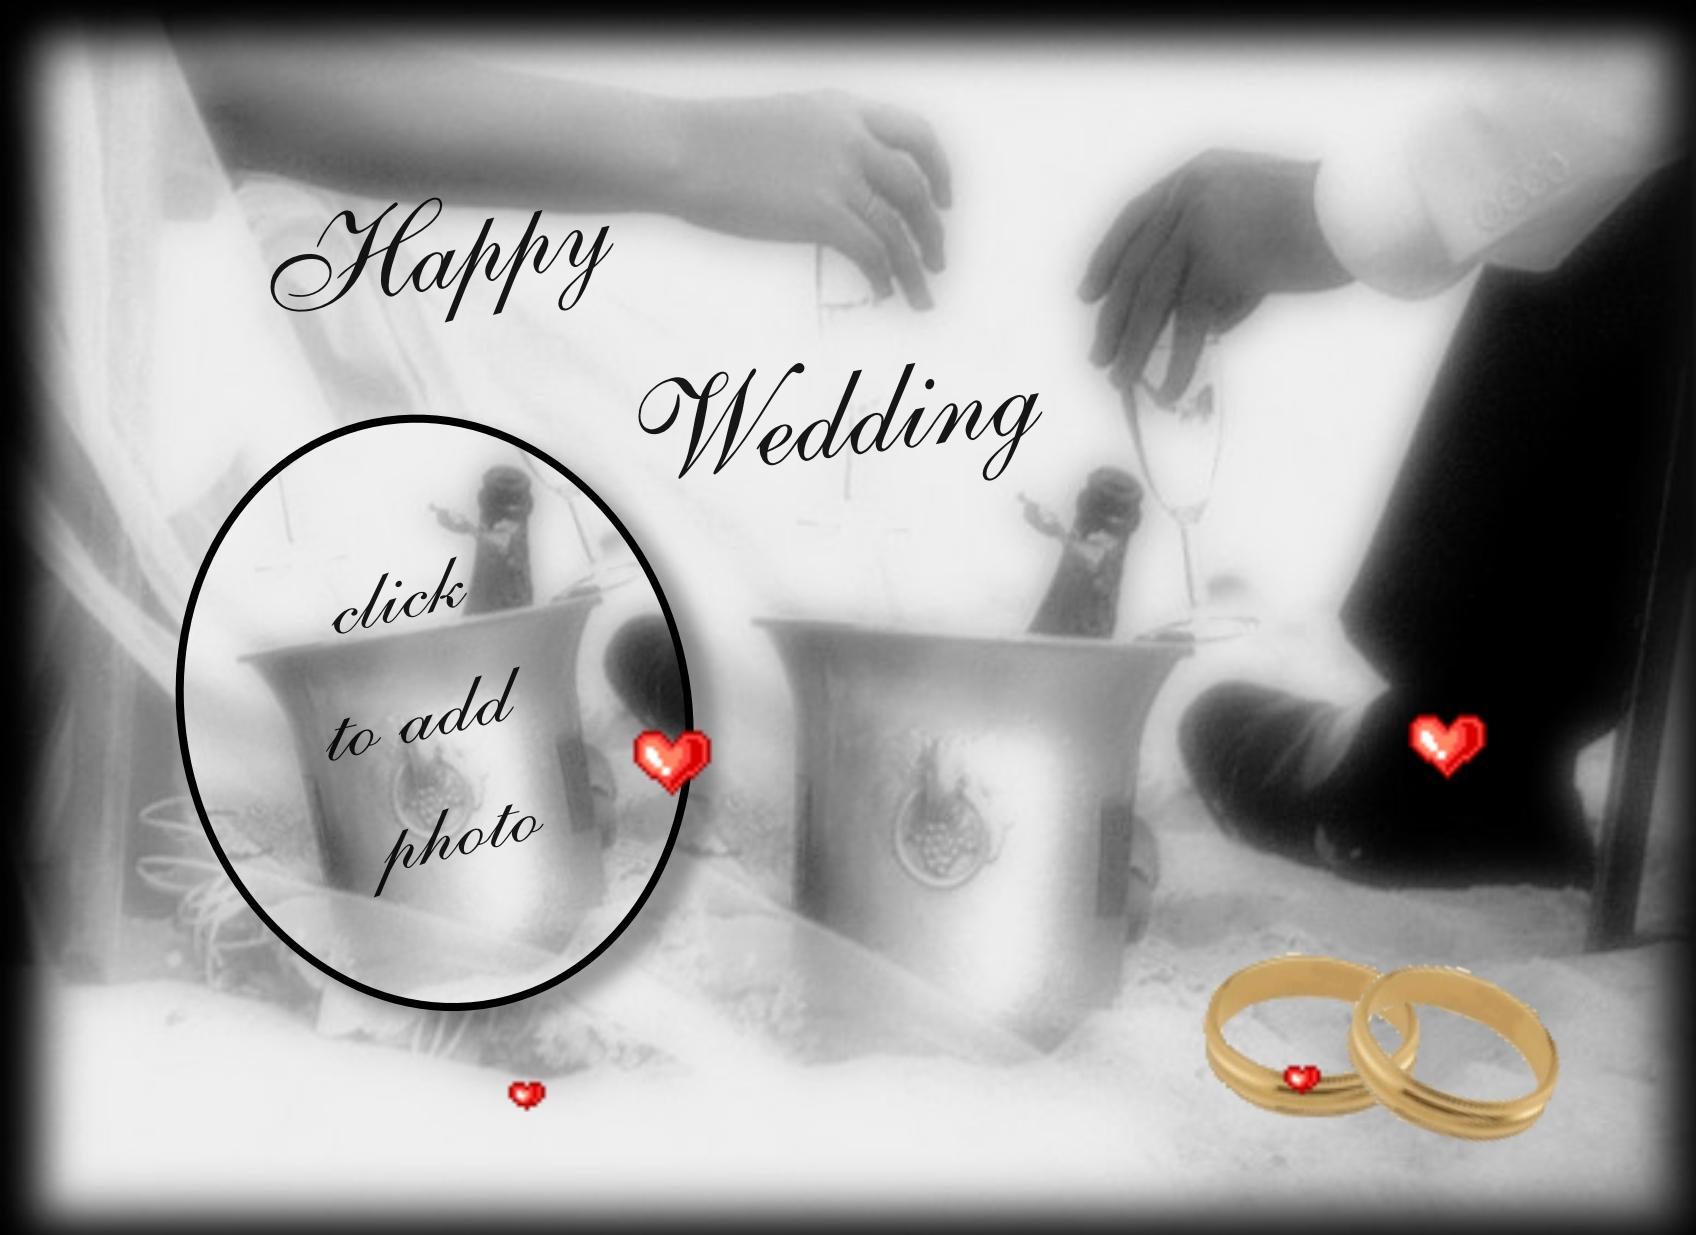 Imikimi Zo - Marriage Frames - Happy Wedding love lover friend ...